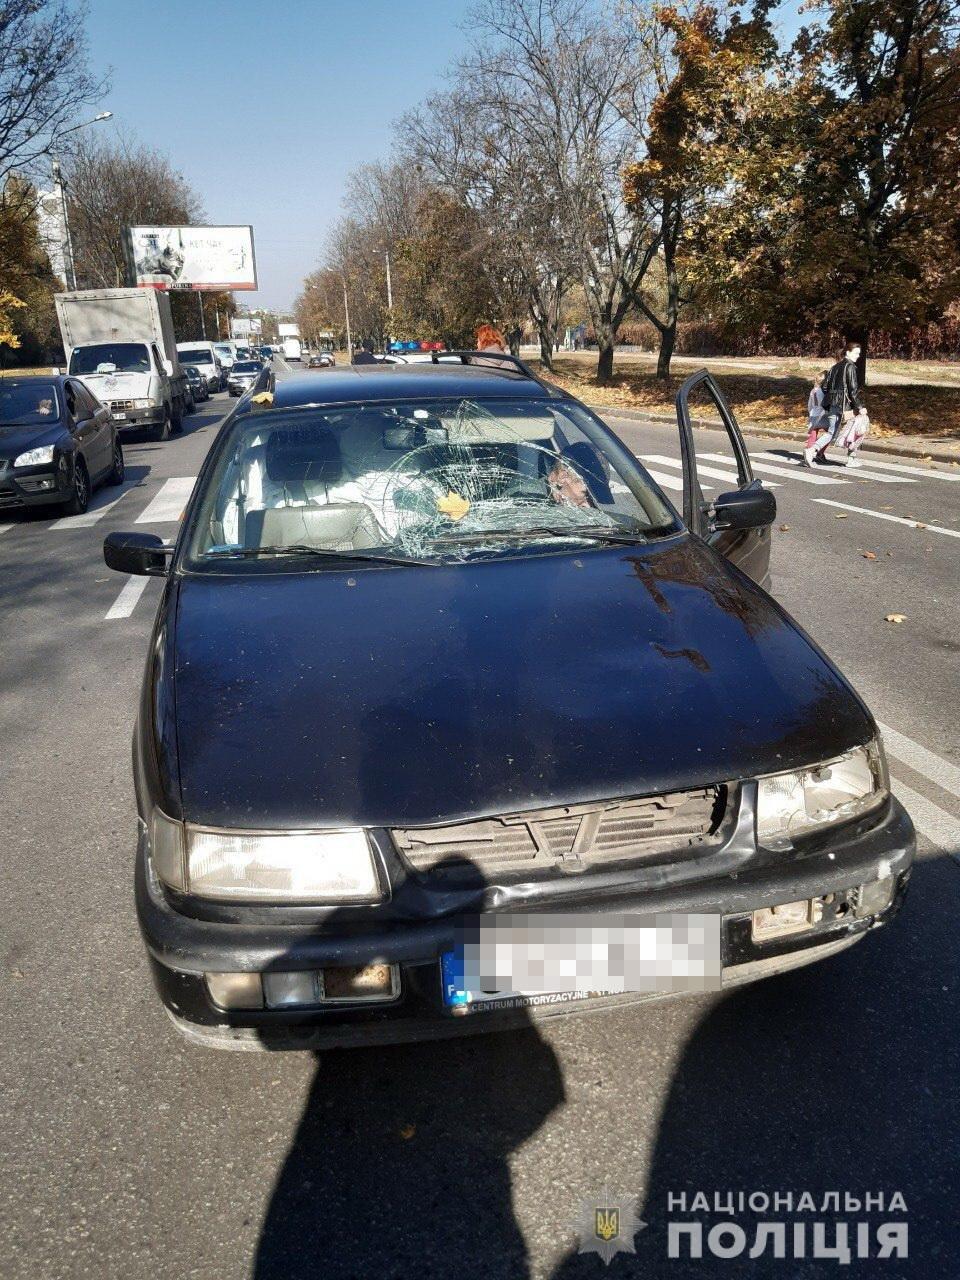 В Харькове пенсионер на легковом авто «снес» маму с двумя дочерями: трое пострадавших в больнице, - ФОТО, ВИДЕО, фото-2